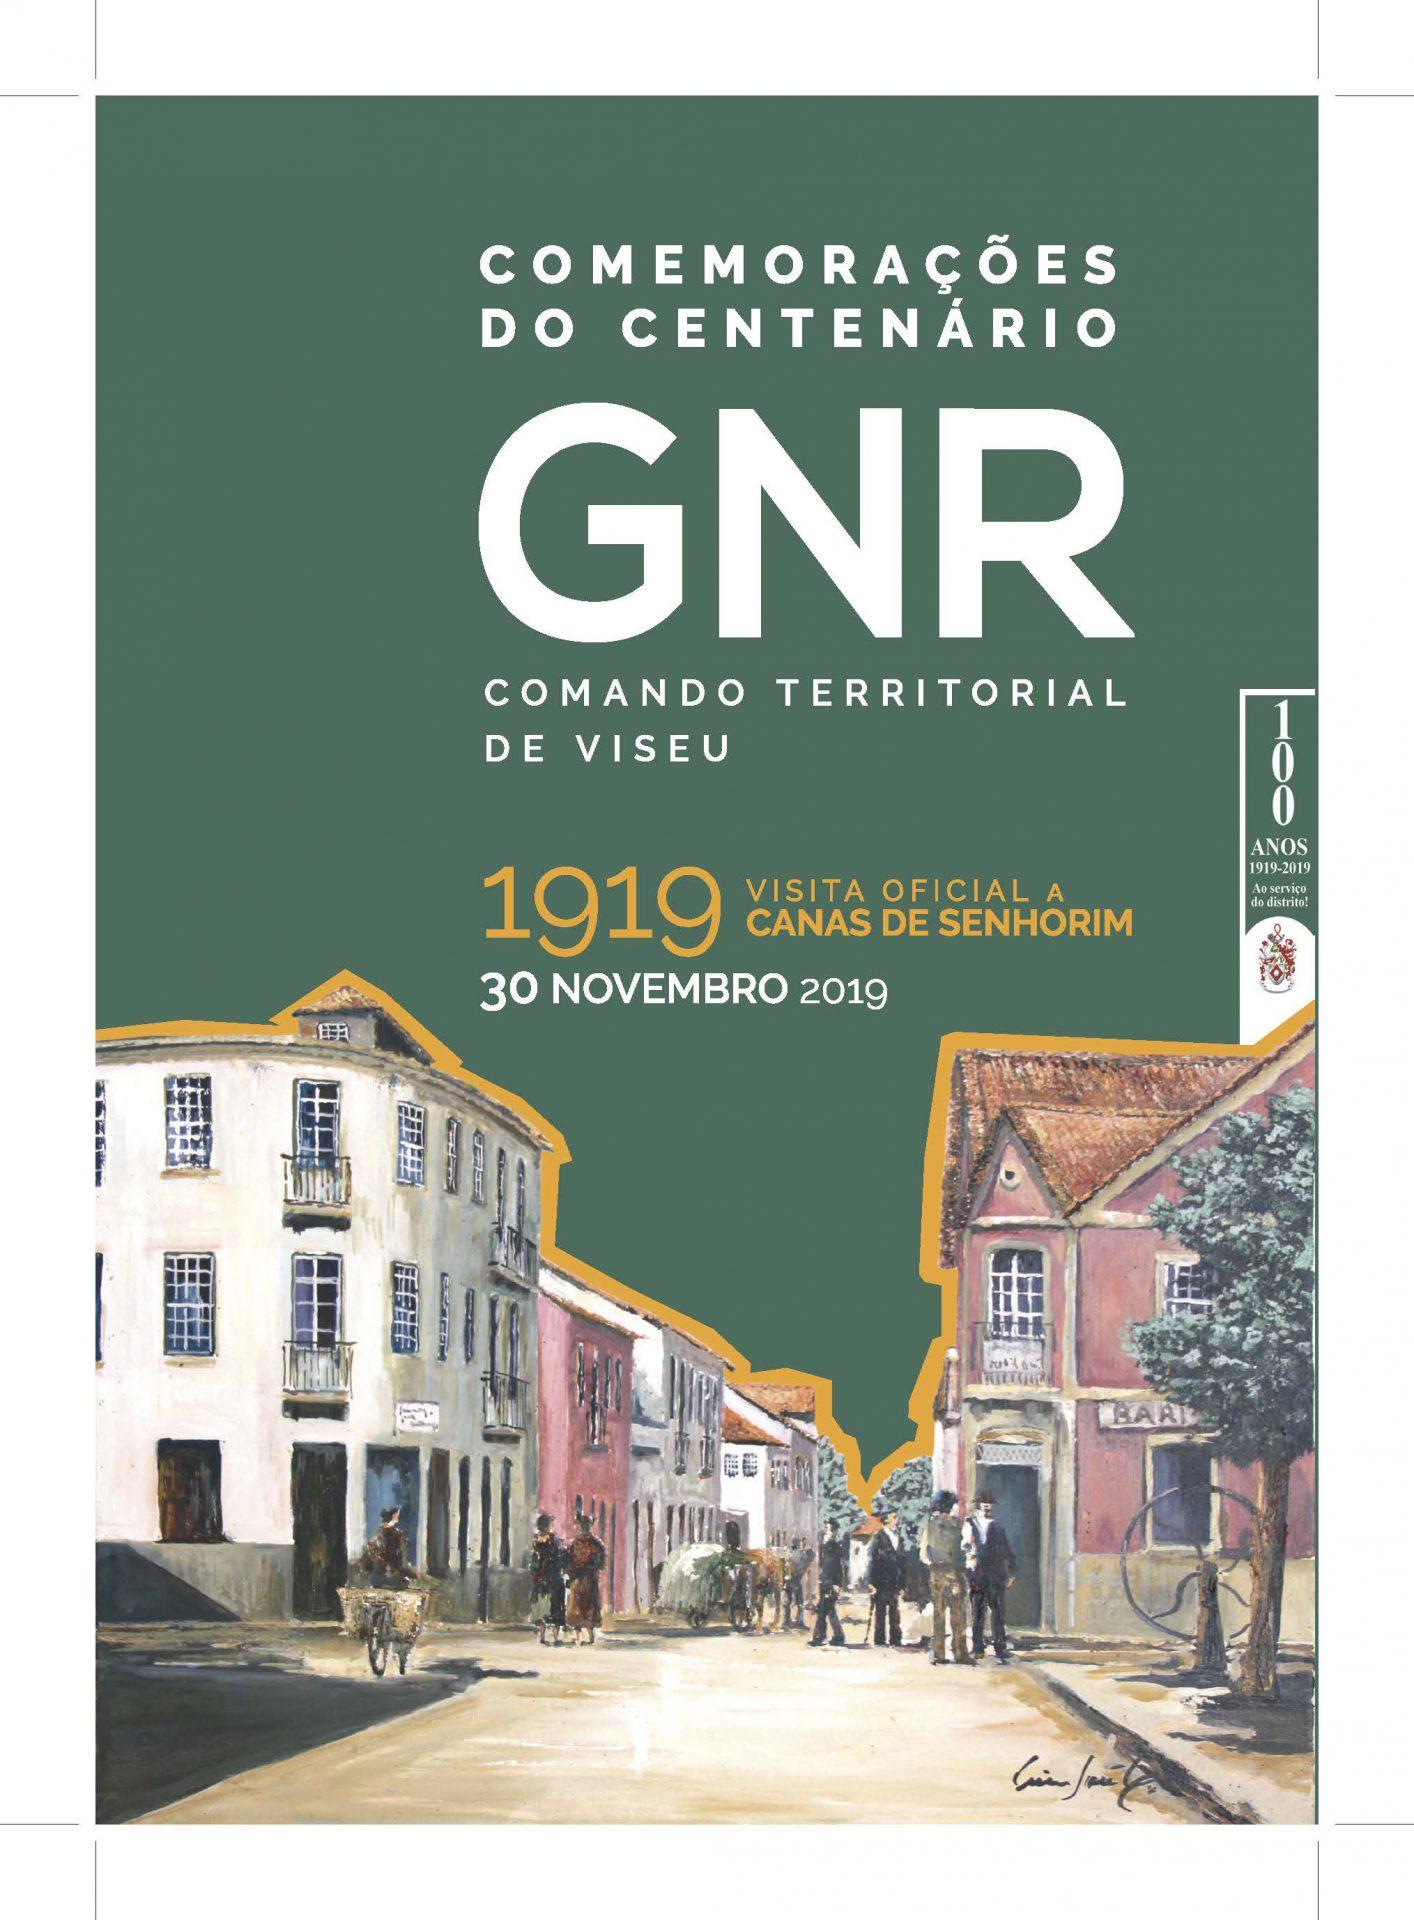 Comemorações do Centenário da GNR do Distrito de Viseu